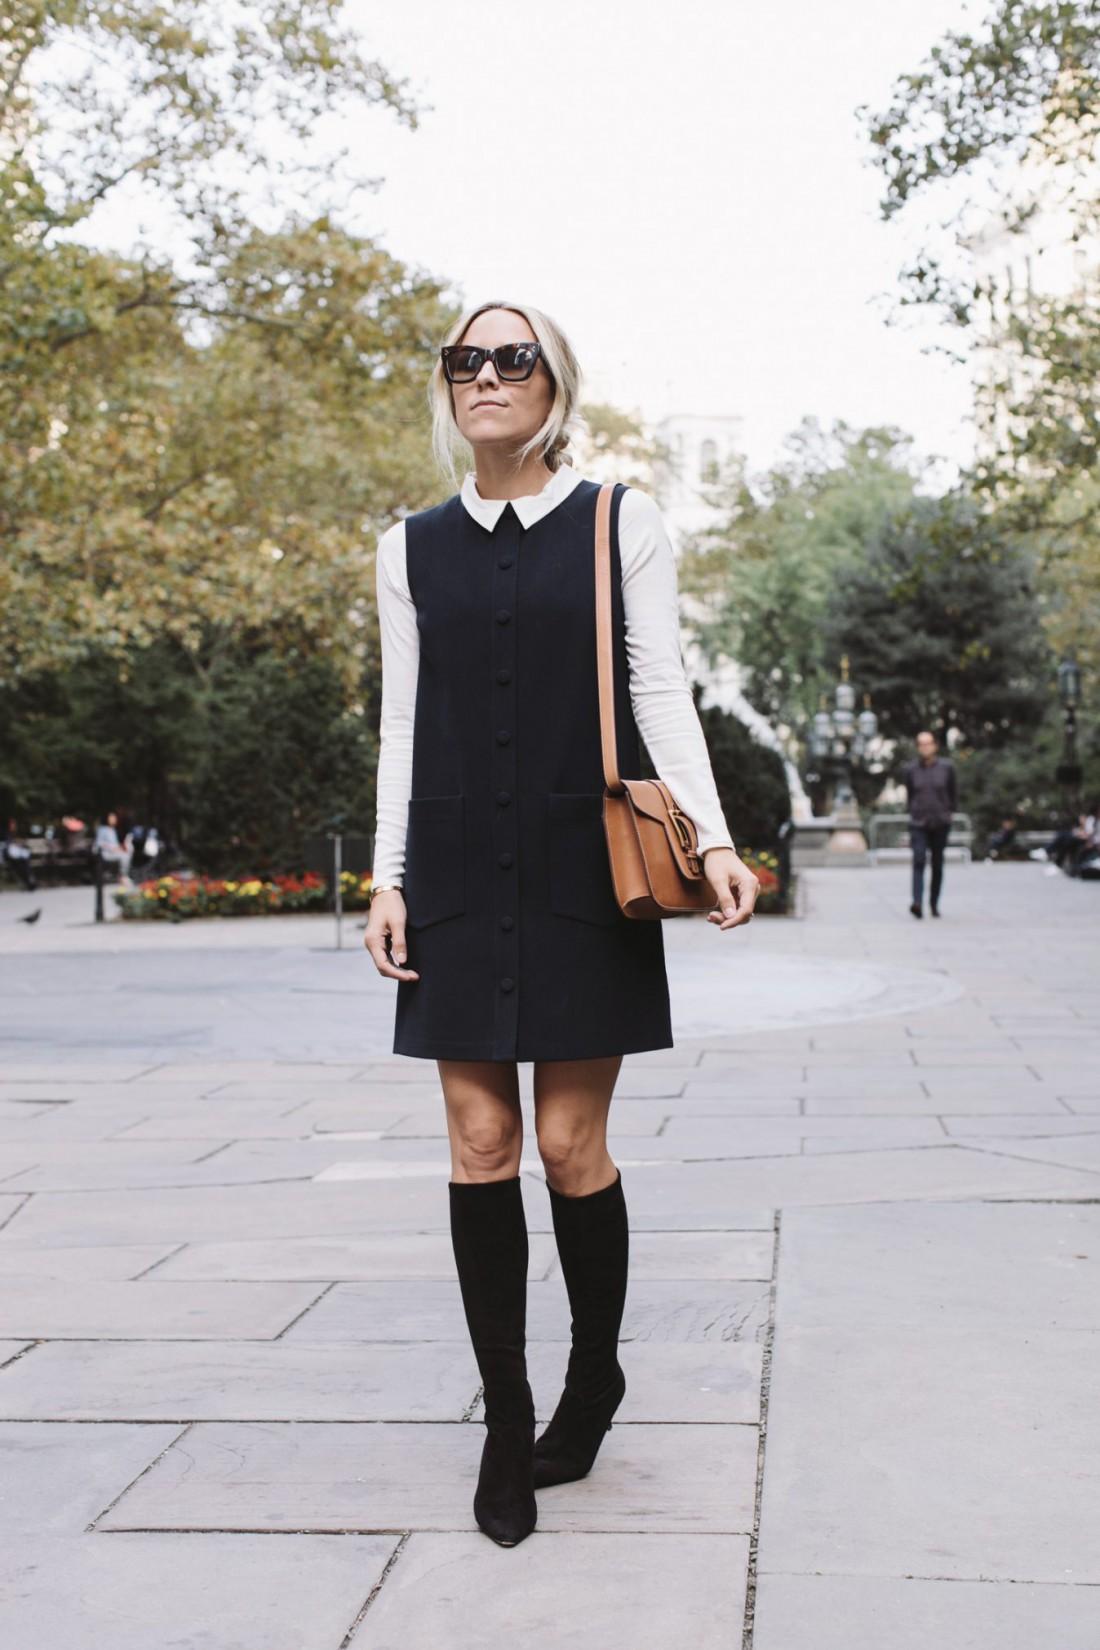 Черное платье + белая блузка